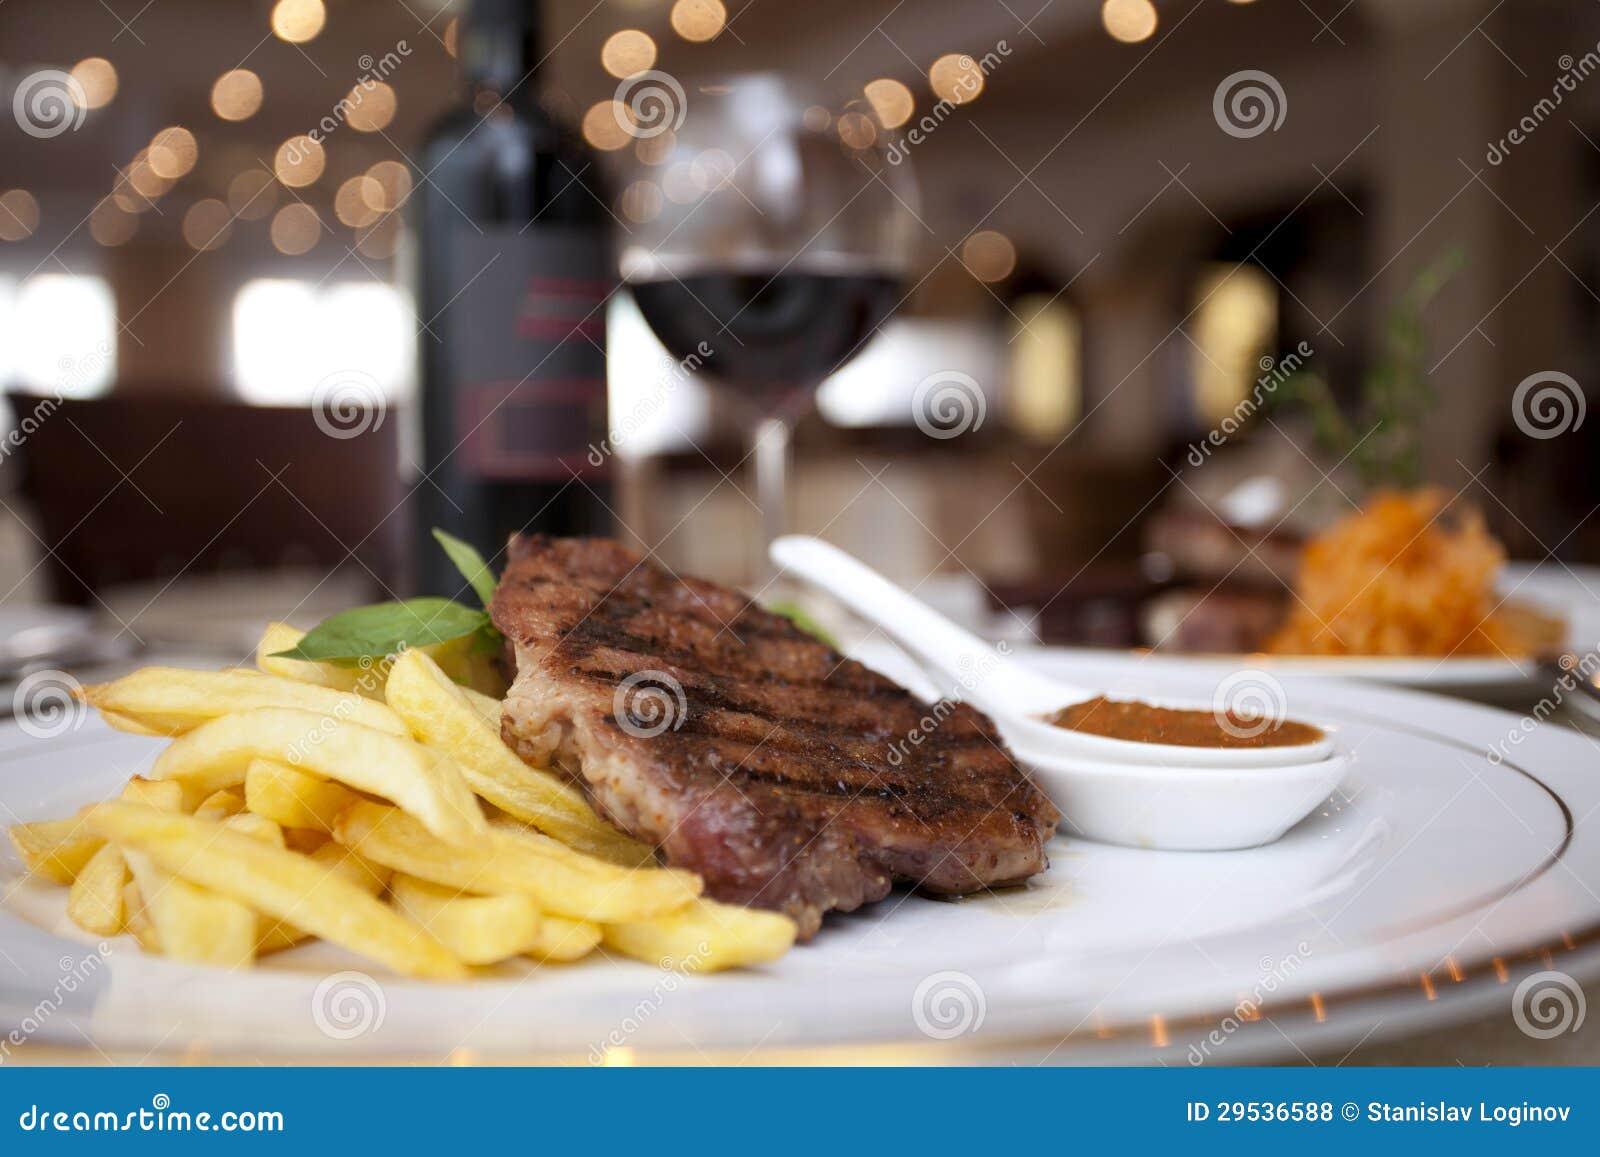 Meat wine som är restourant